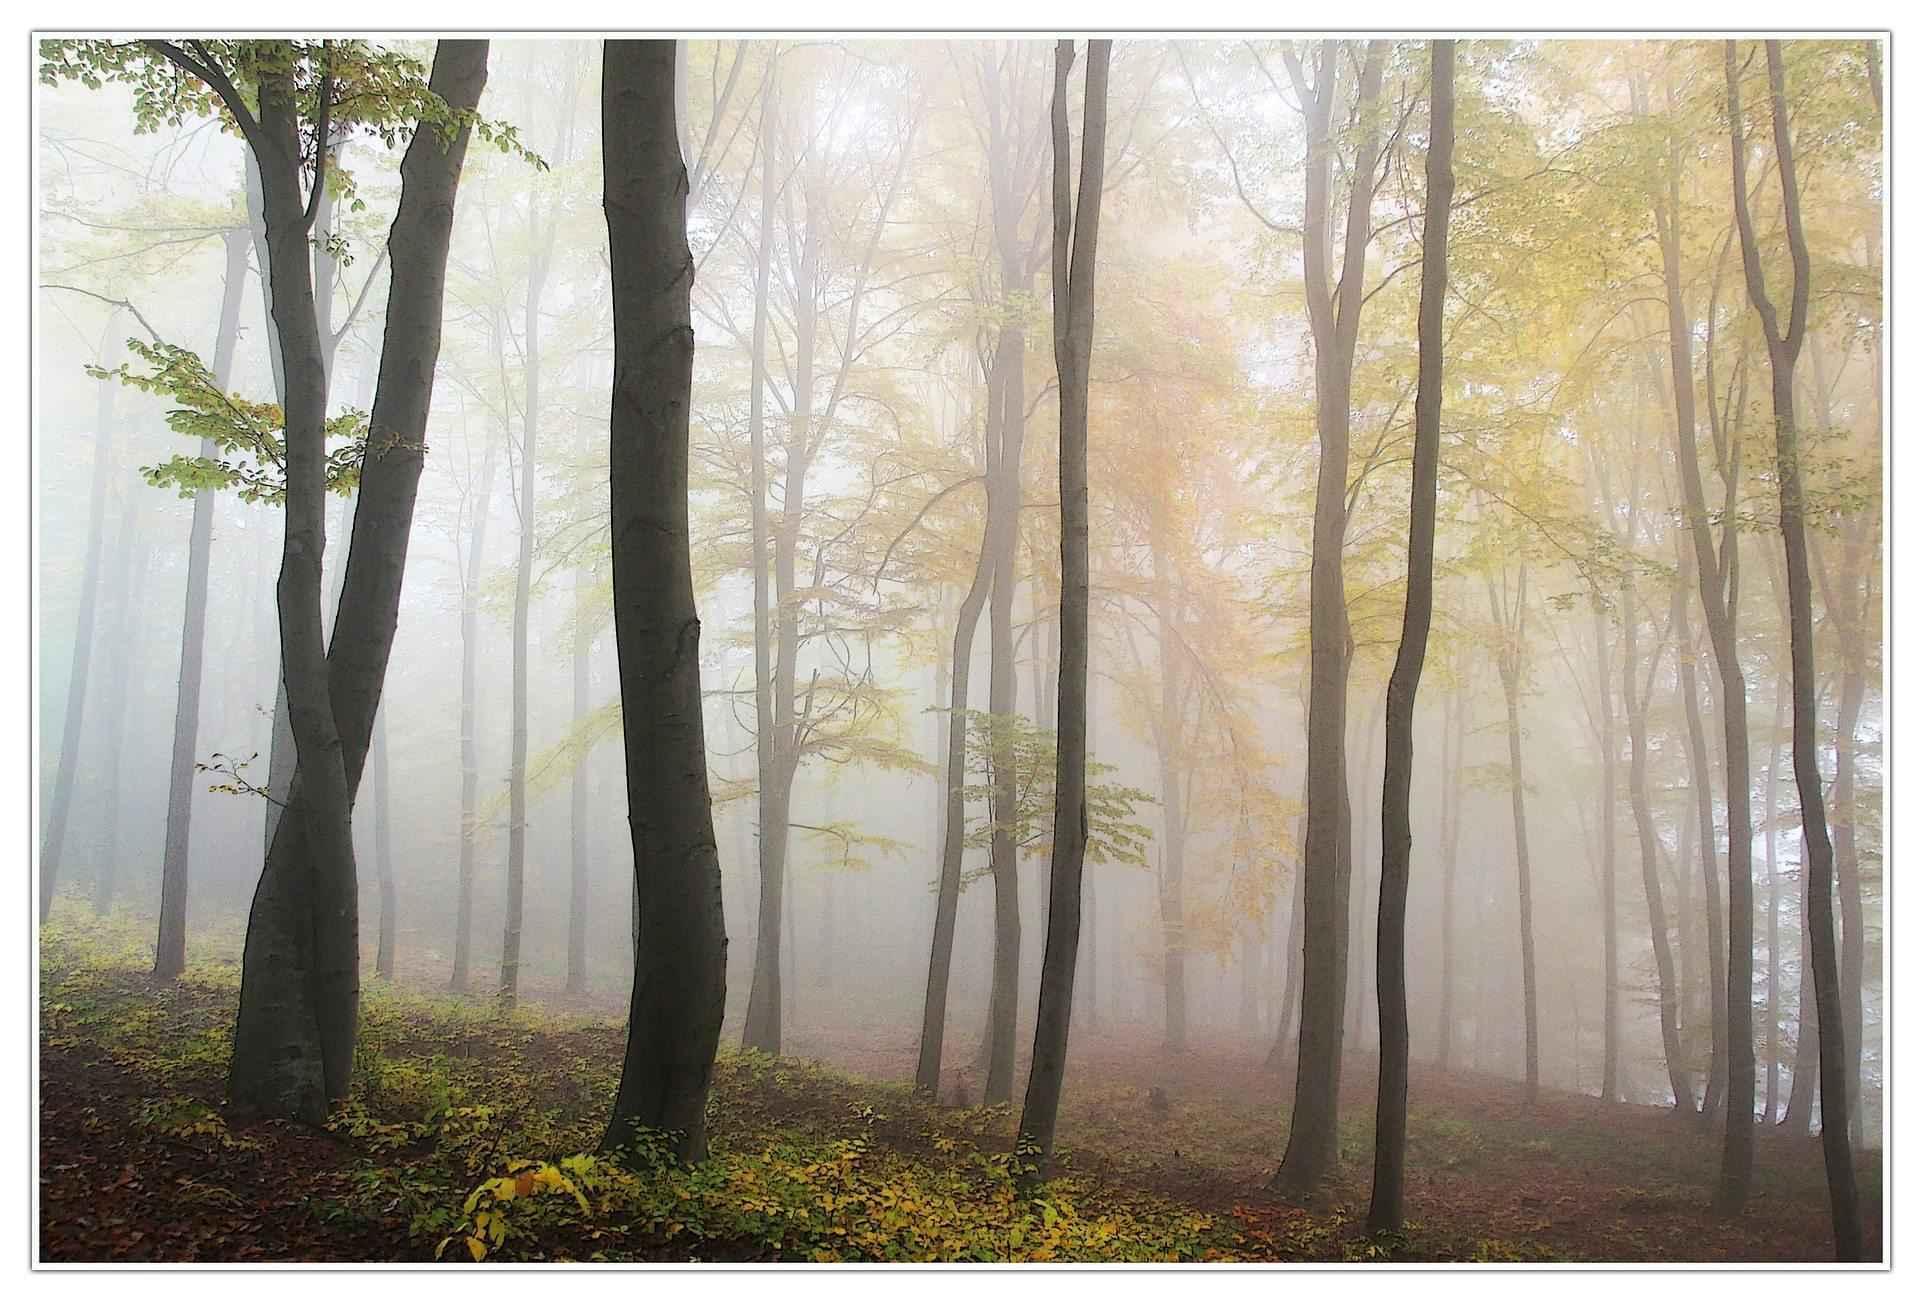 лес, туман, осень, утро, деревья